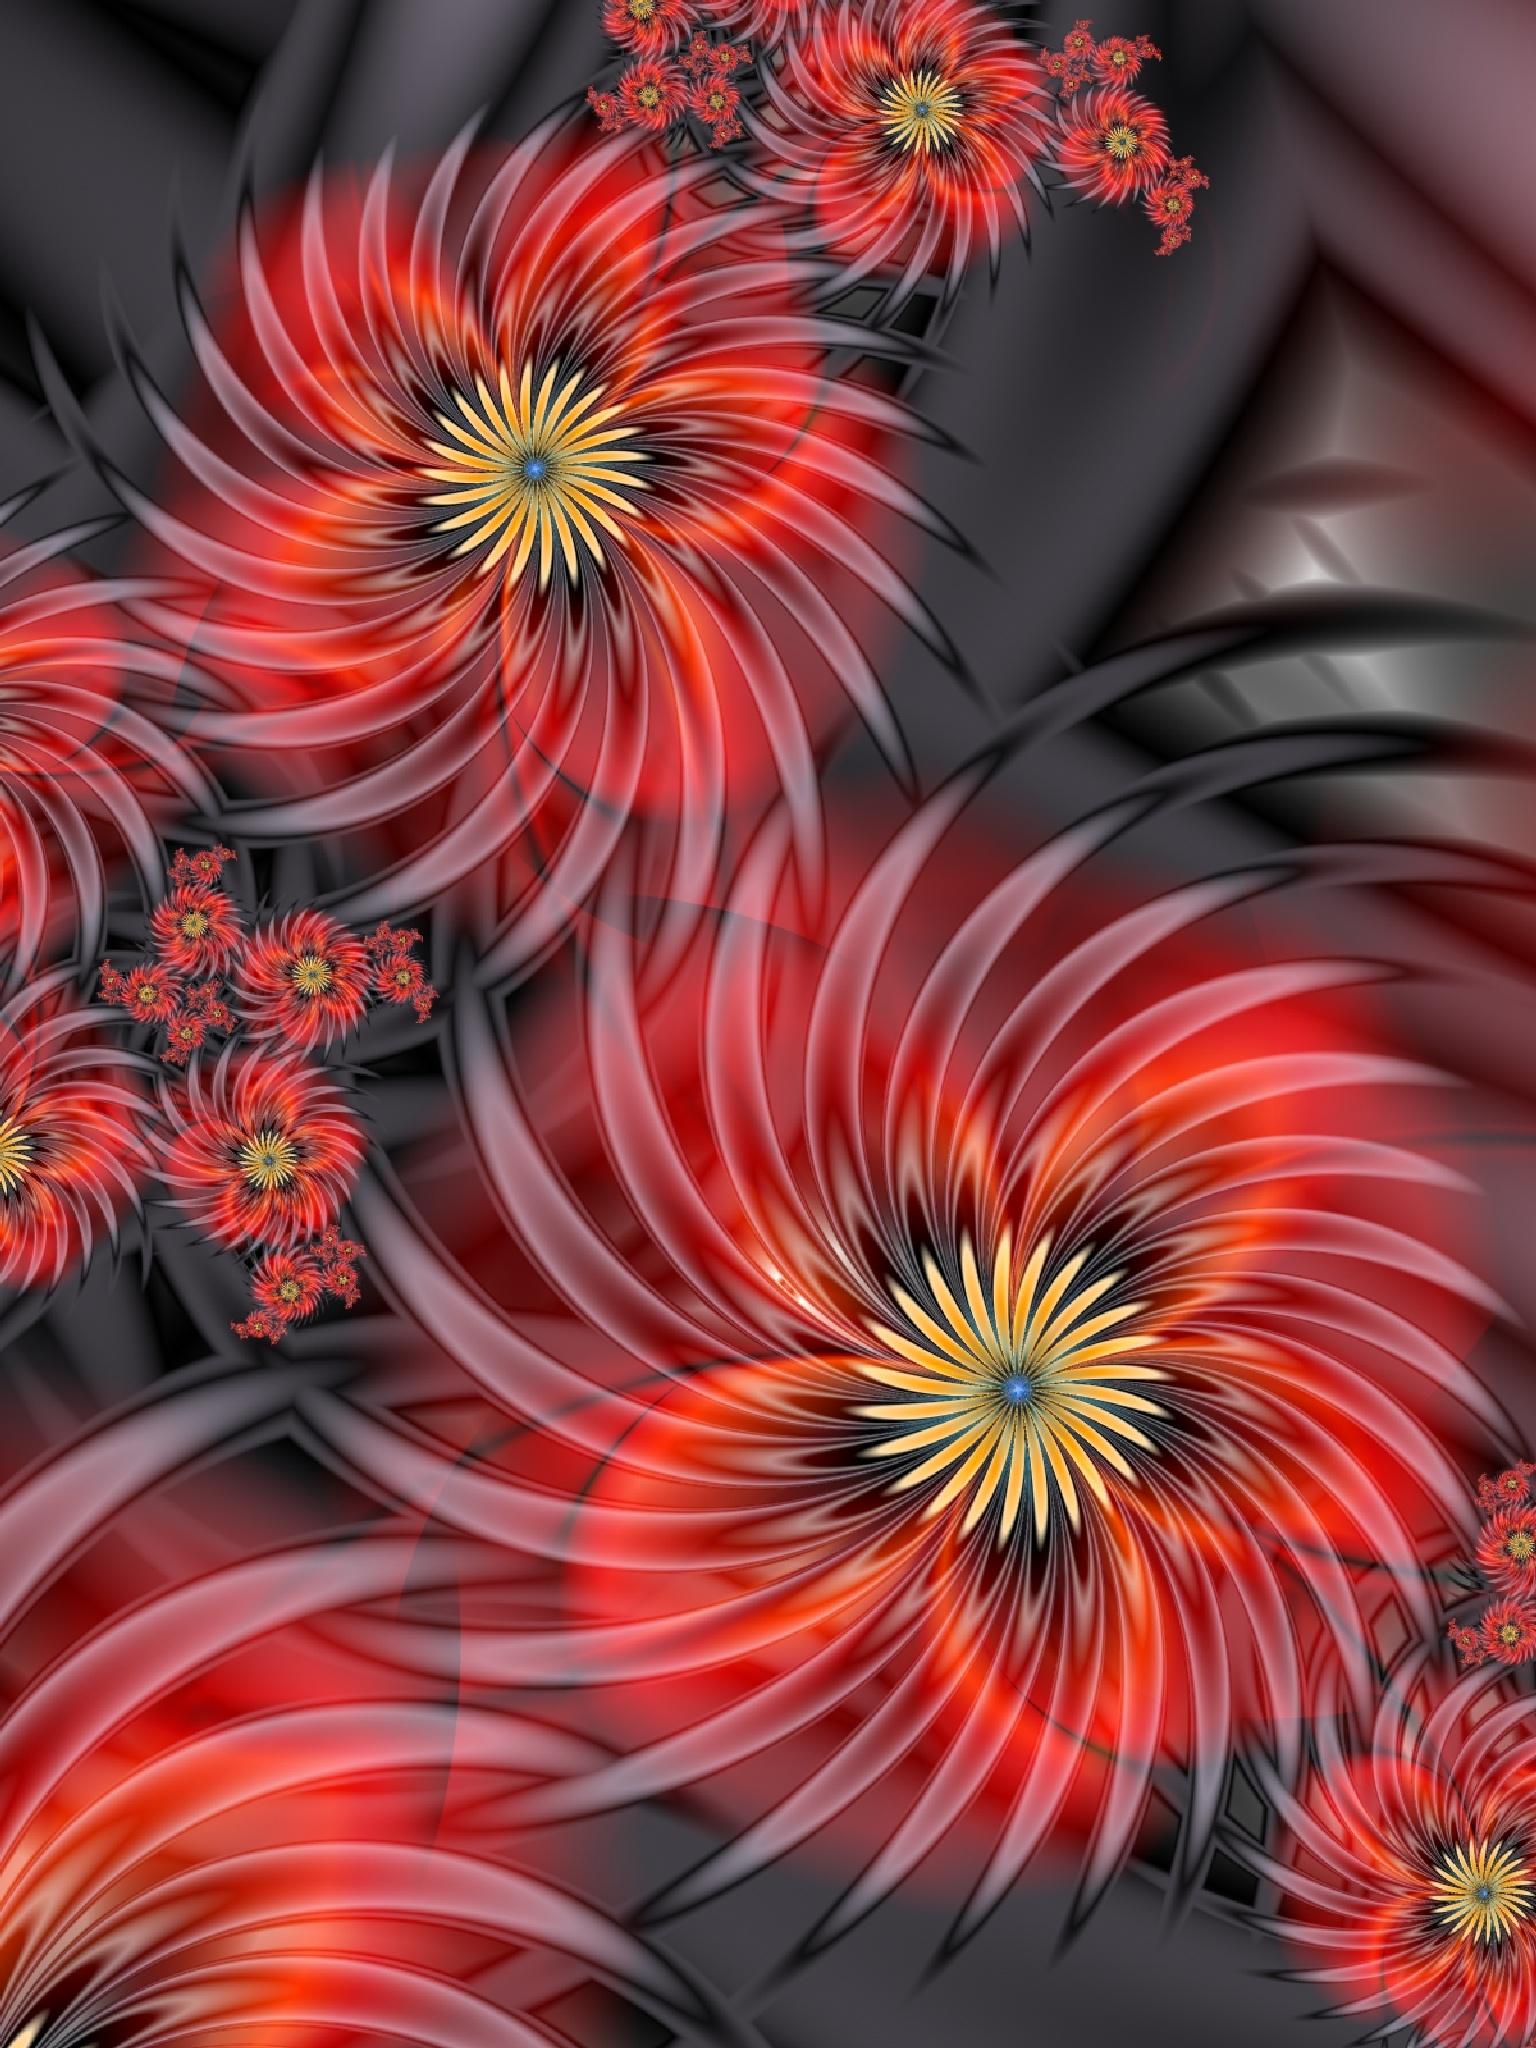 Flowers of The Night by Joe-Maccer